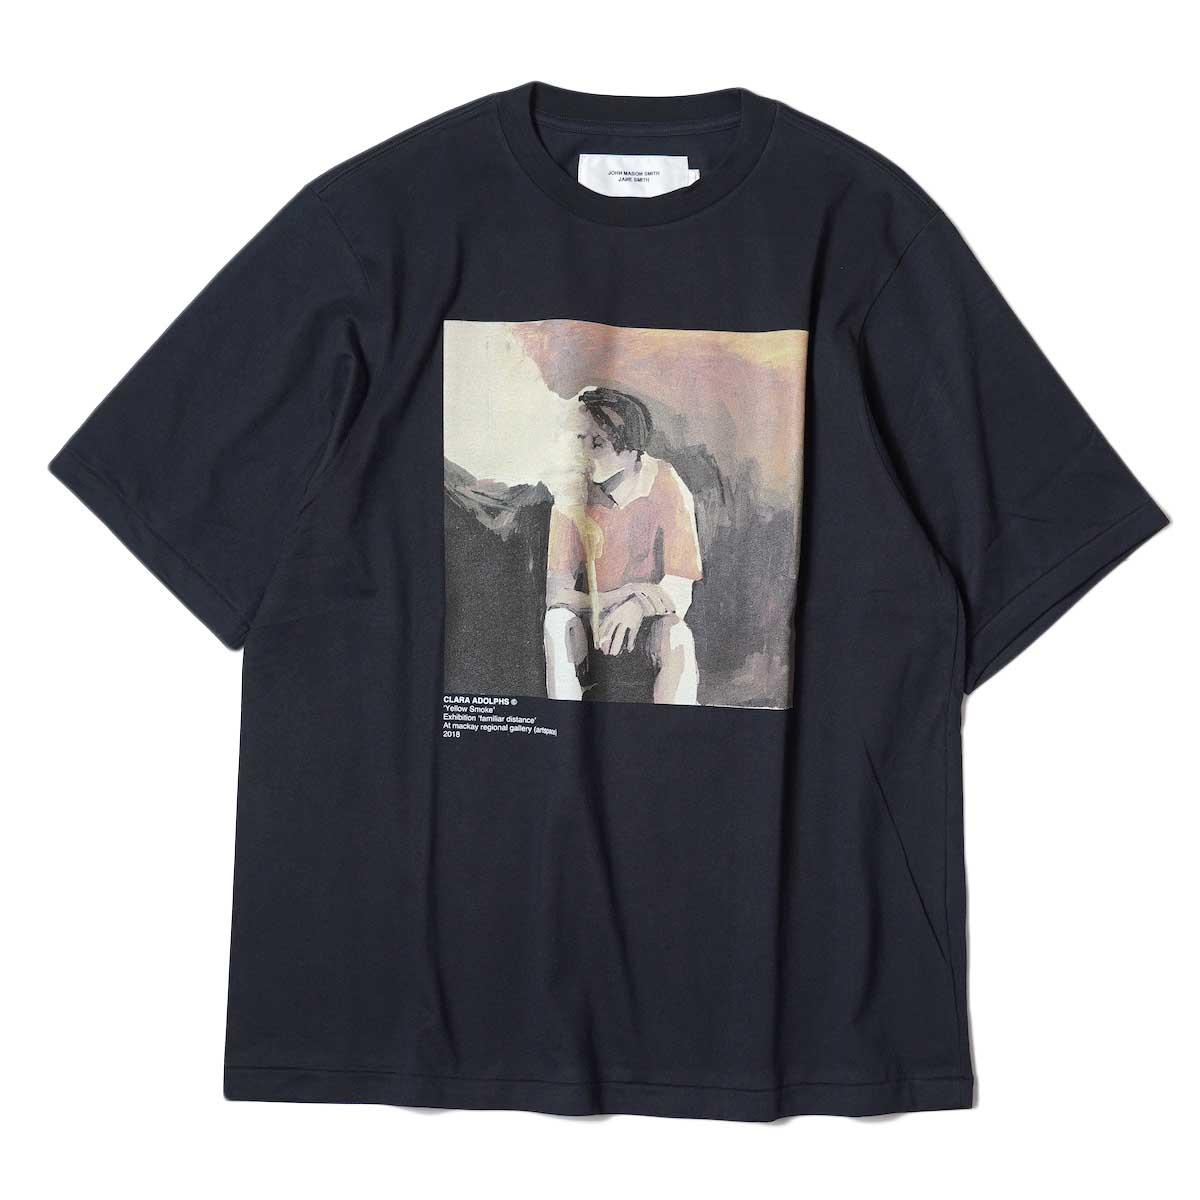 JANE SMITH / YELLOW SMOKE SHORT S/S T-Shirt (Black)